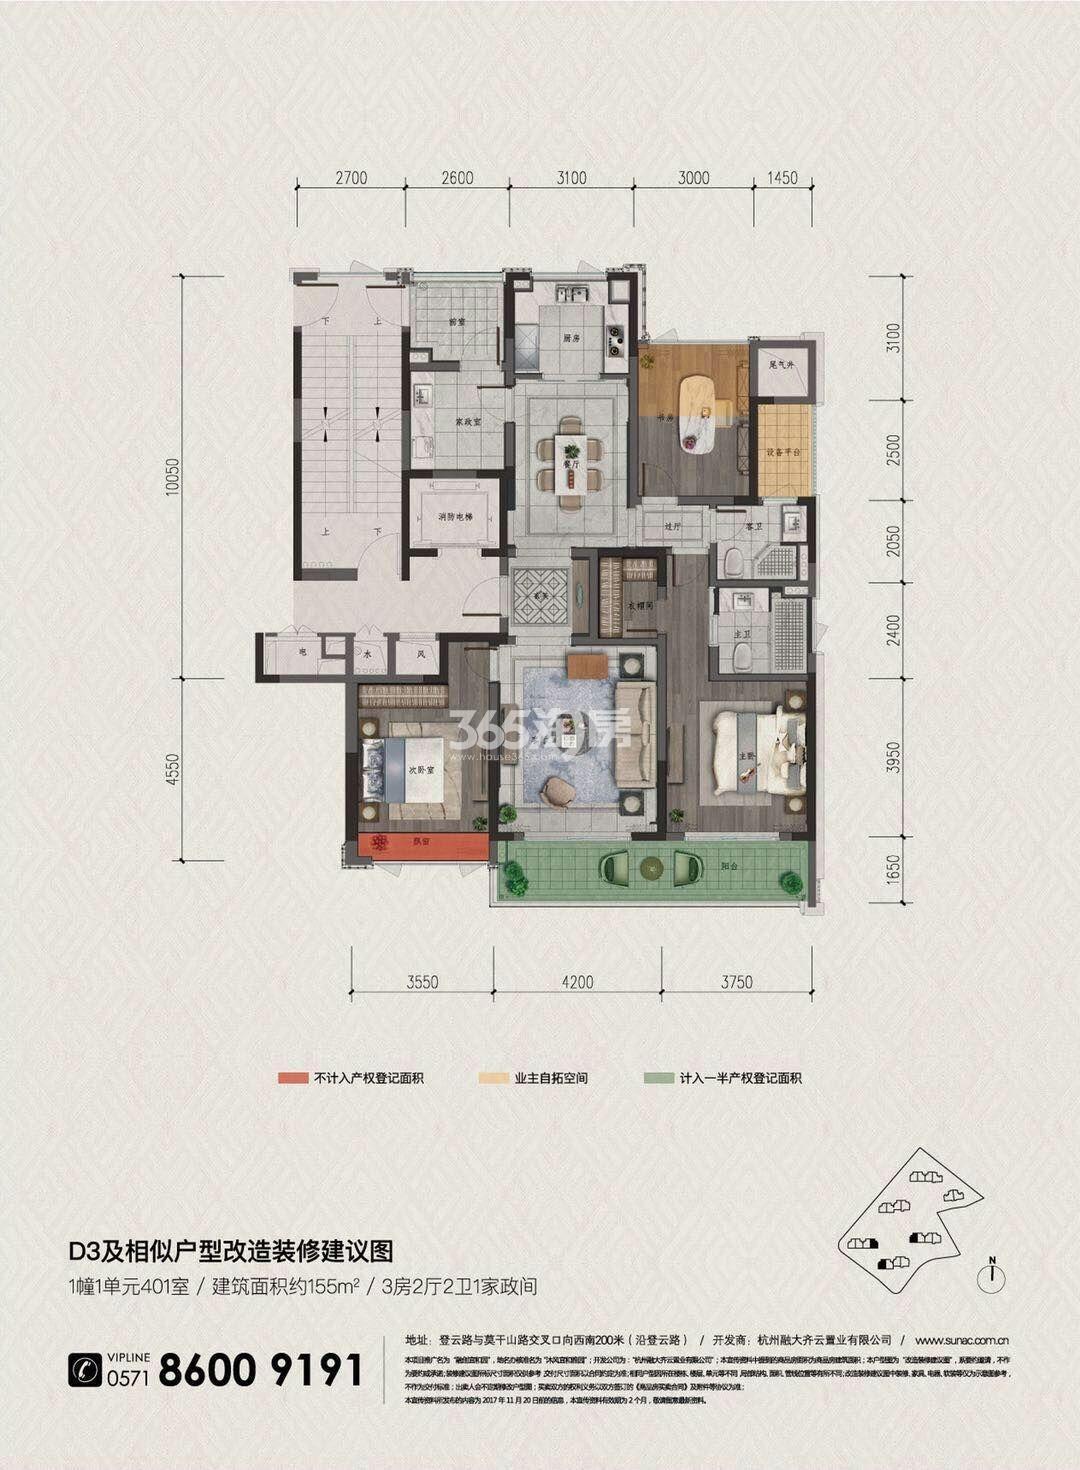 融创宜和园1、4、5号楼边套D3户型 约155㎡